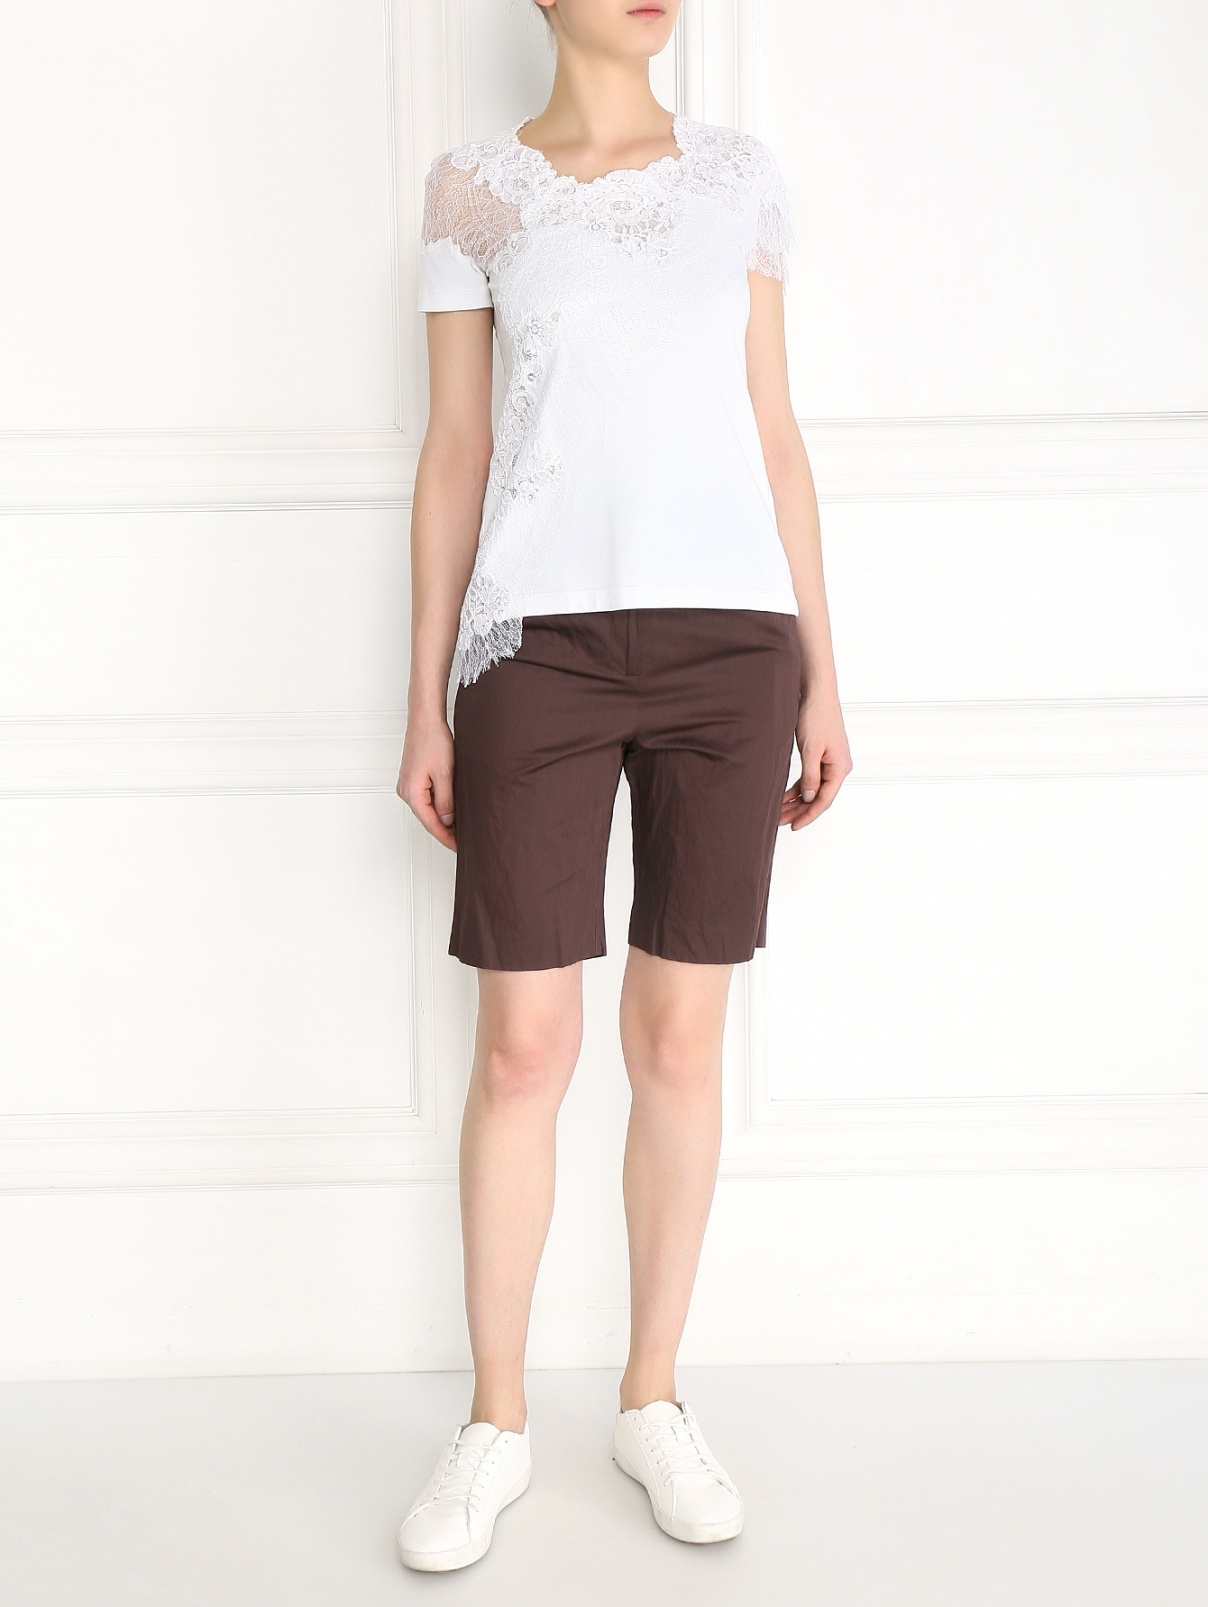 Длинные шорты из хлопка Alena Akhmadullina  –  Модель Общий вид  – Цвет:  Коричневый